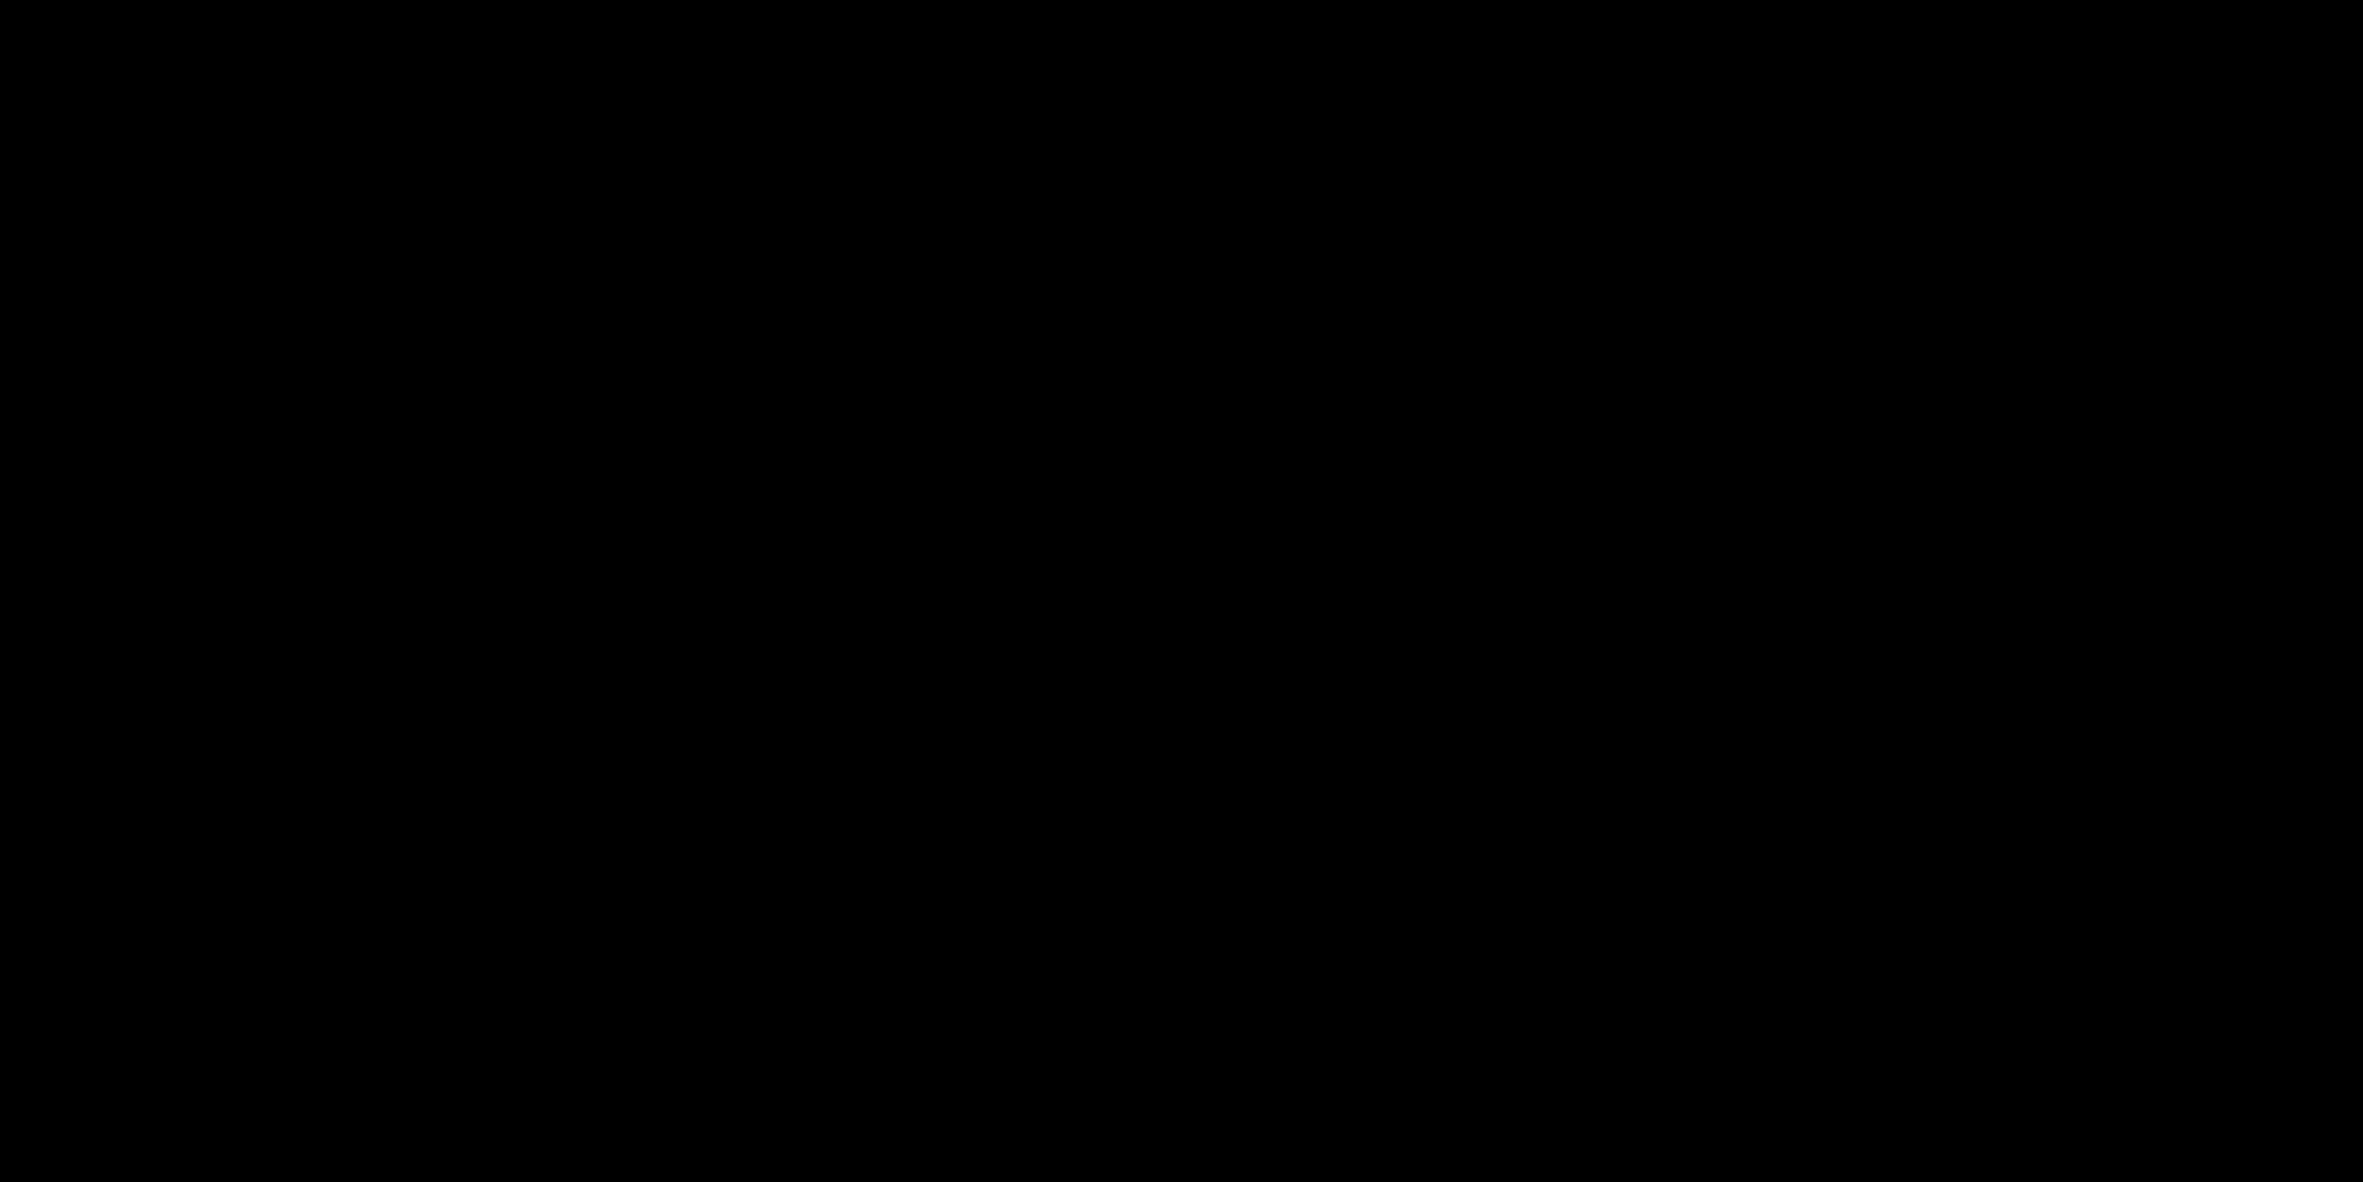 Card image cap